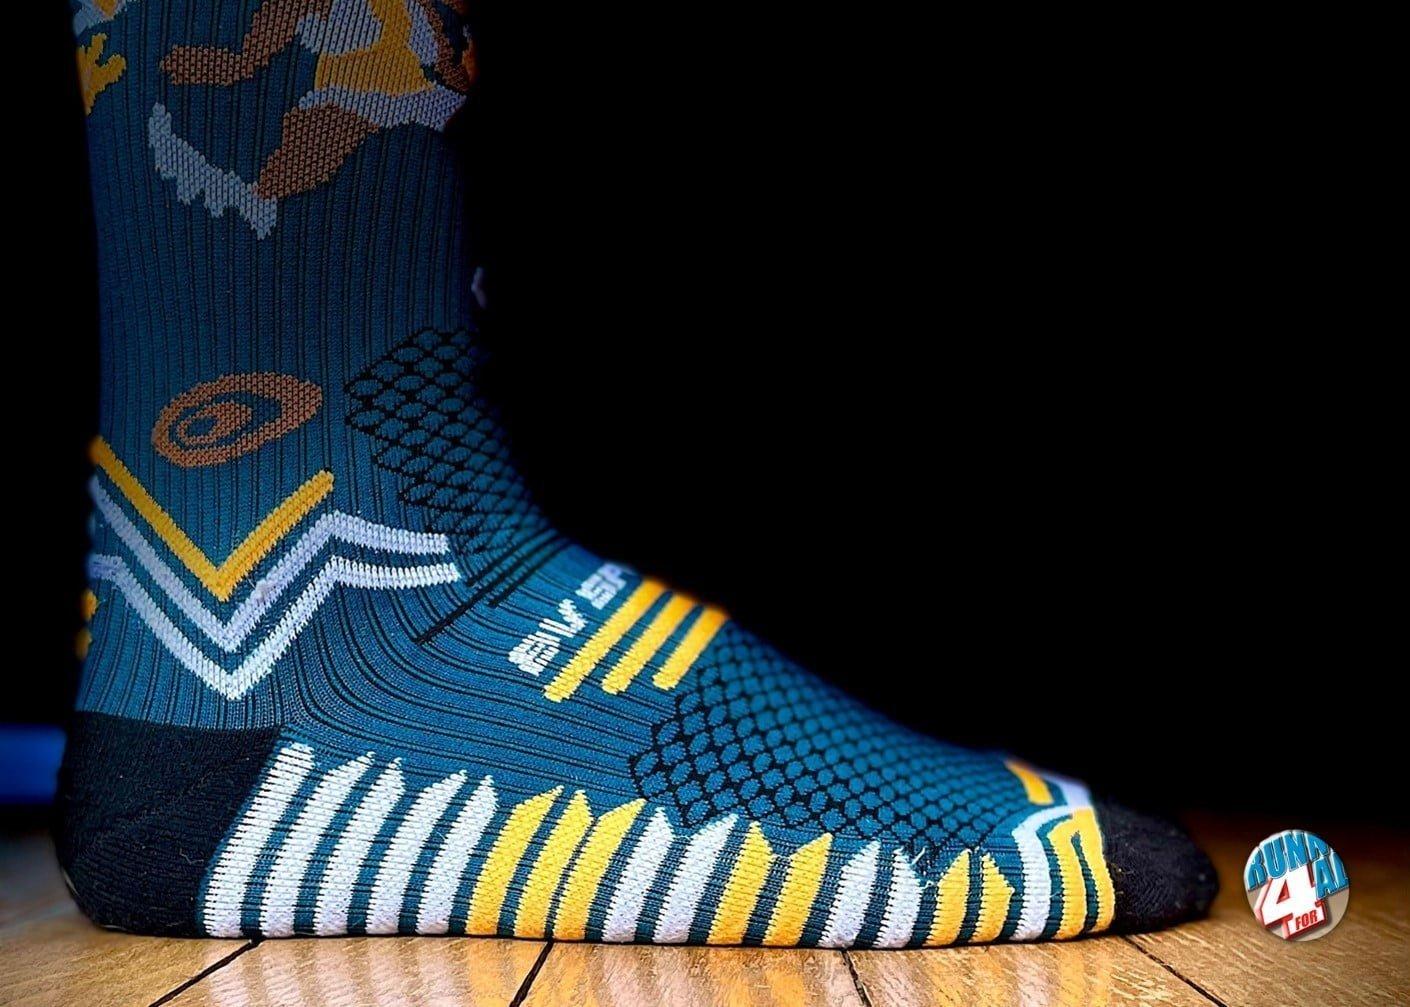 chaussettes BV sport des bosses et des bulles